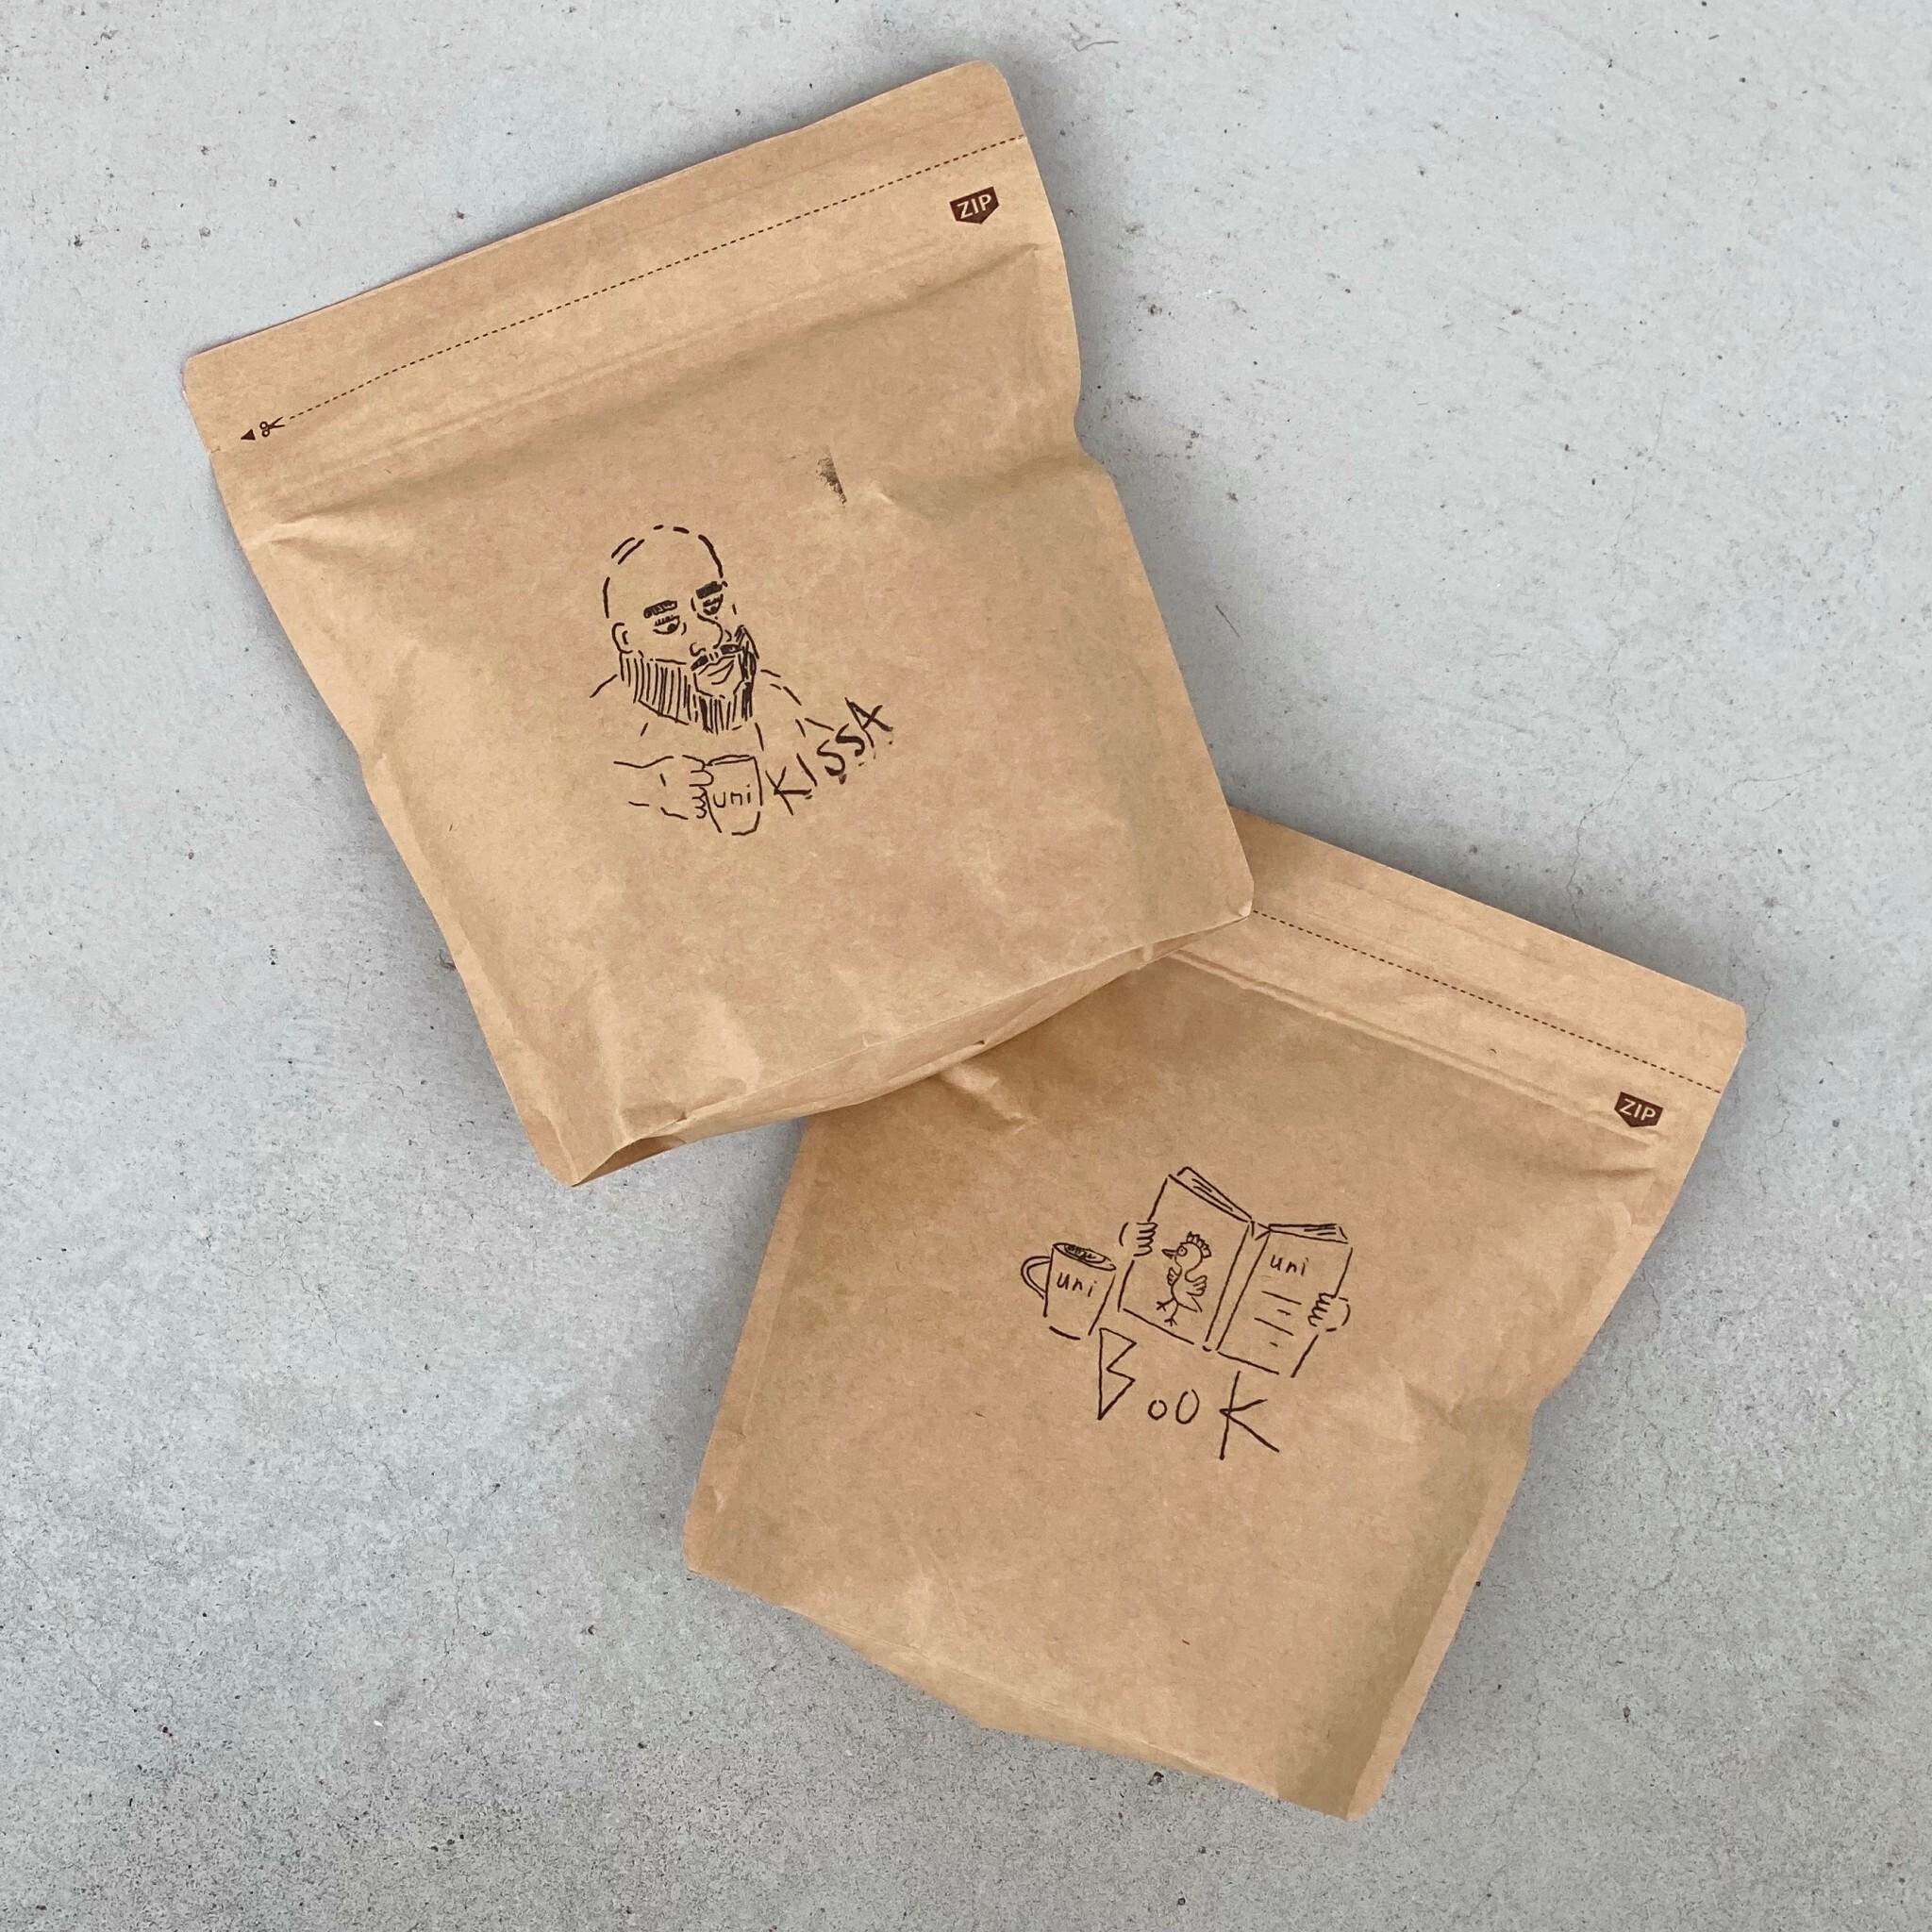 【送料無料/豆・粉】選べるブレンドコーヒー 240g × 2 (おおよそ20〜26杯分)